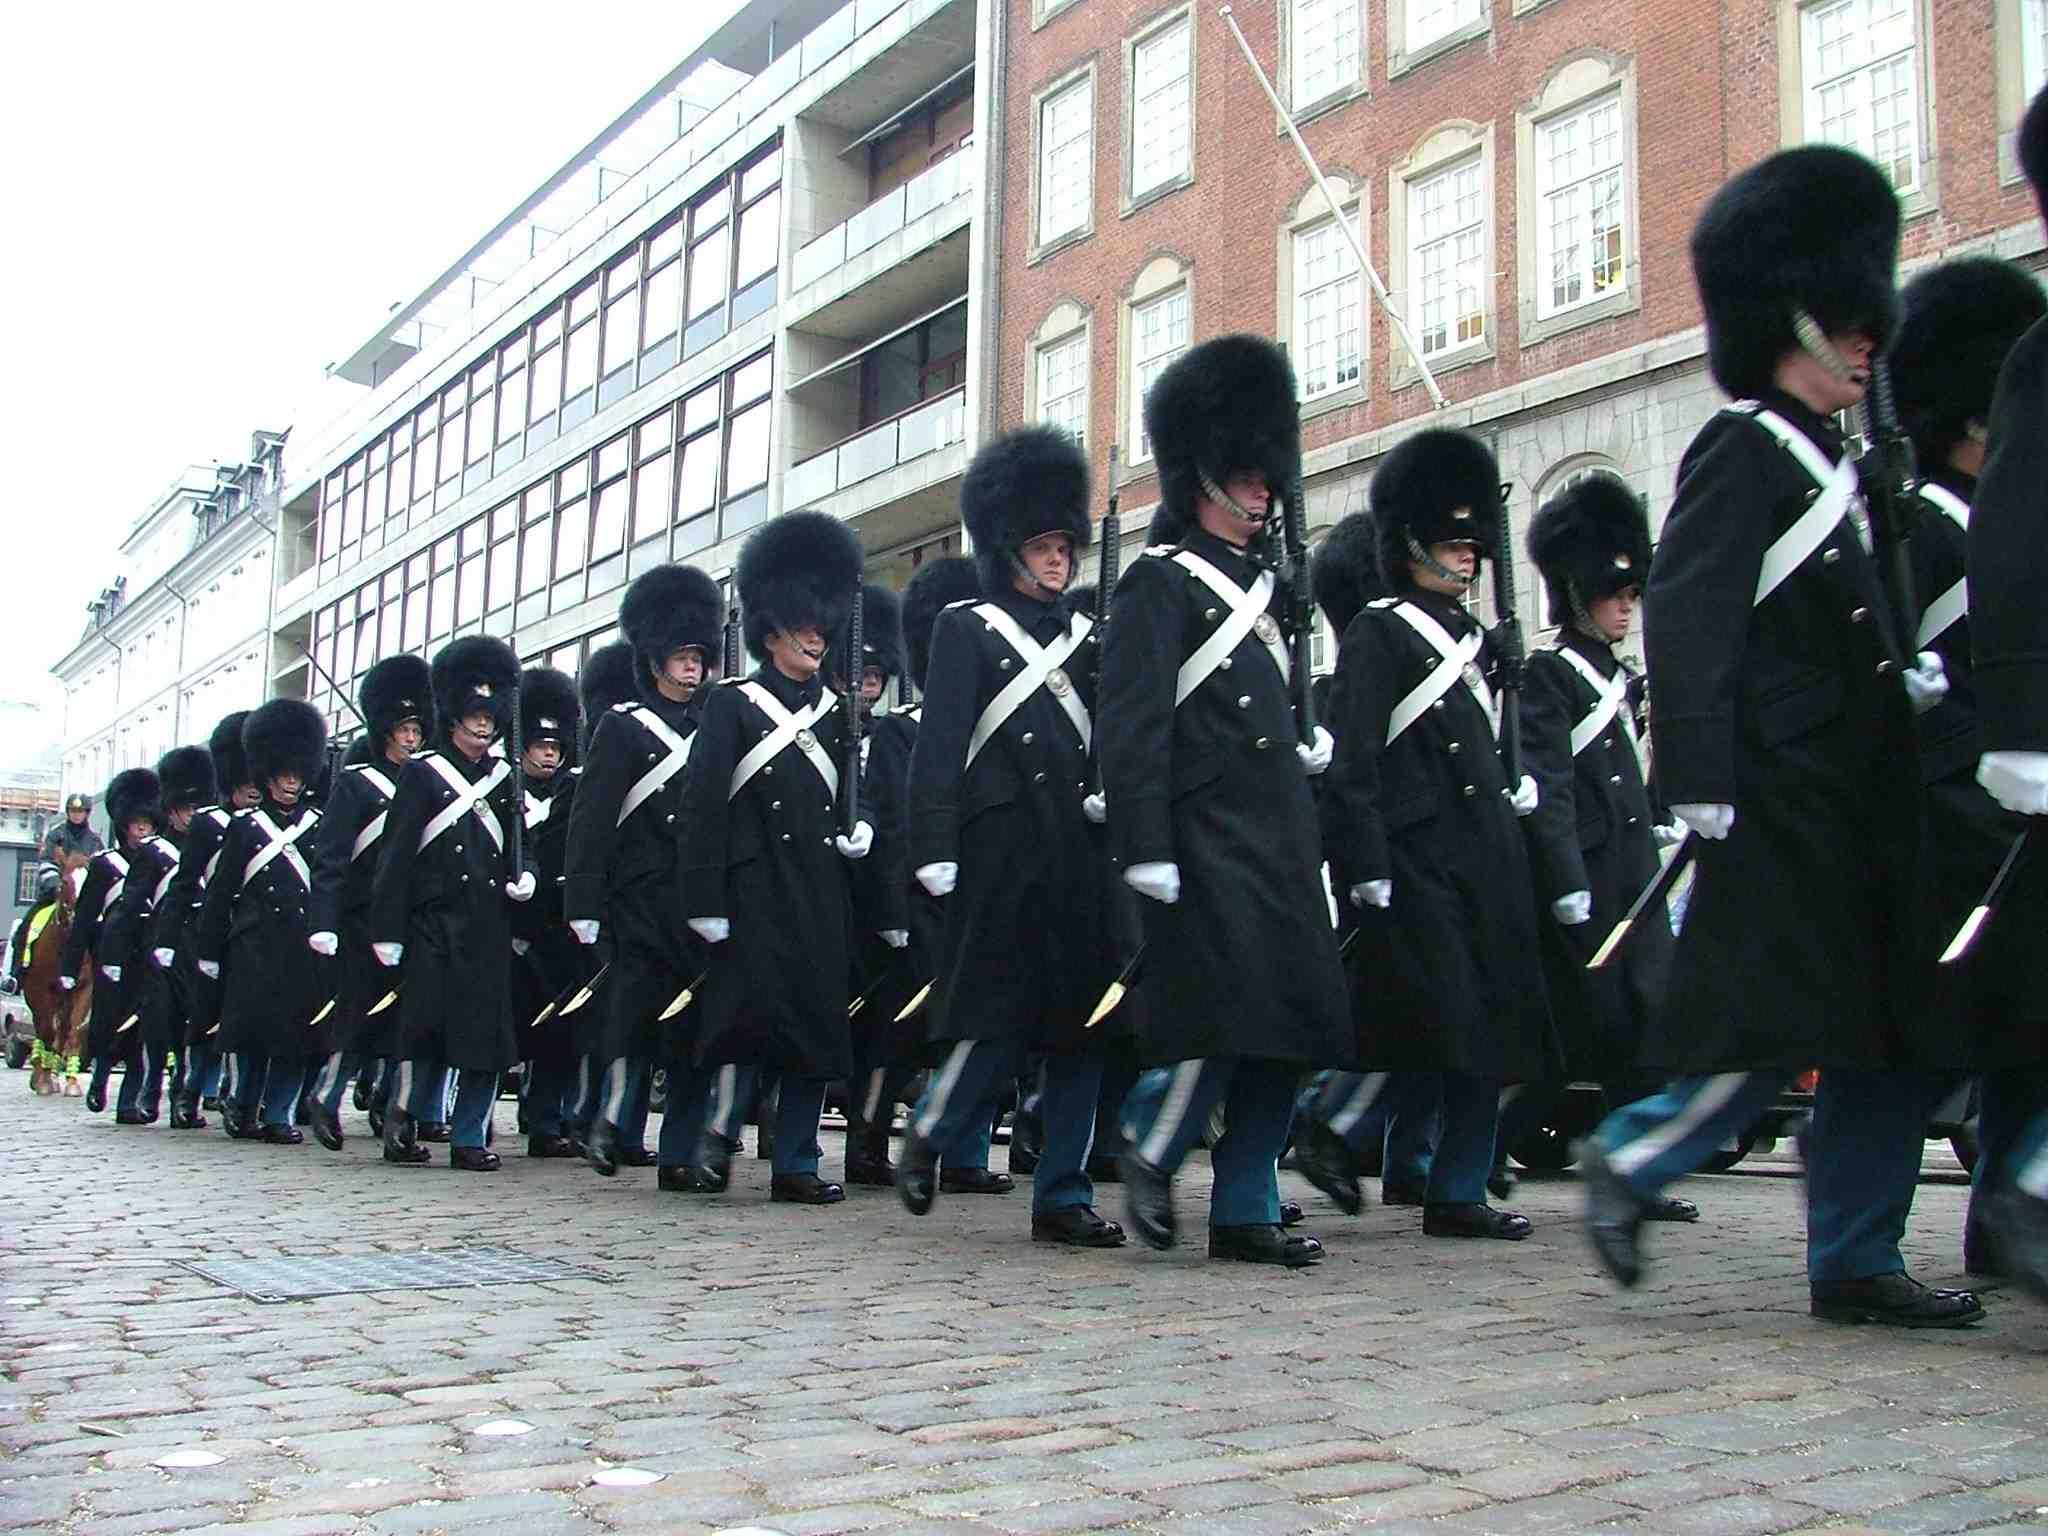 Danmark har mange fotogene øjeblikke – også til glæde for udenlandske turister. Her er den kongelige livgarde på vej mod Amalienborg i København. Foto: Henrik Baumgarten.